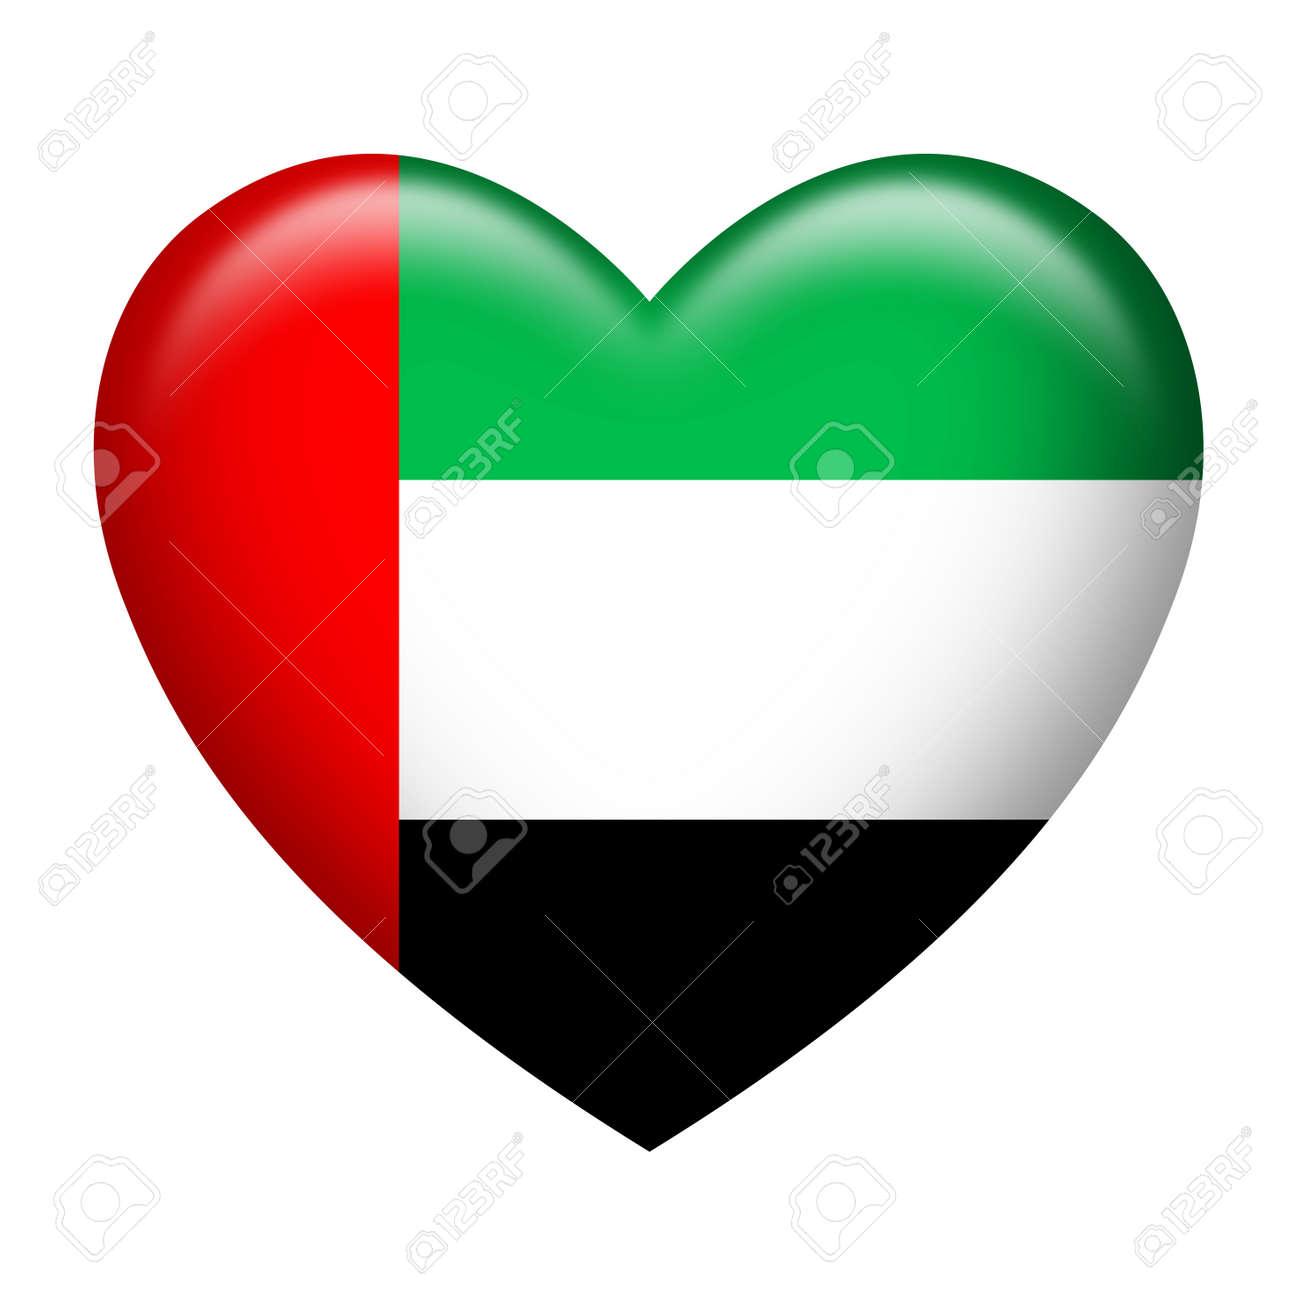 heart shape of united arab emirates flag isolated on white stock